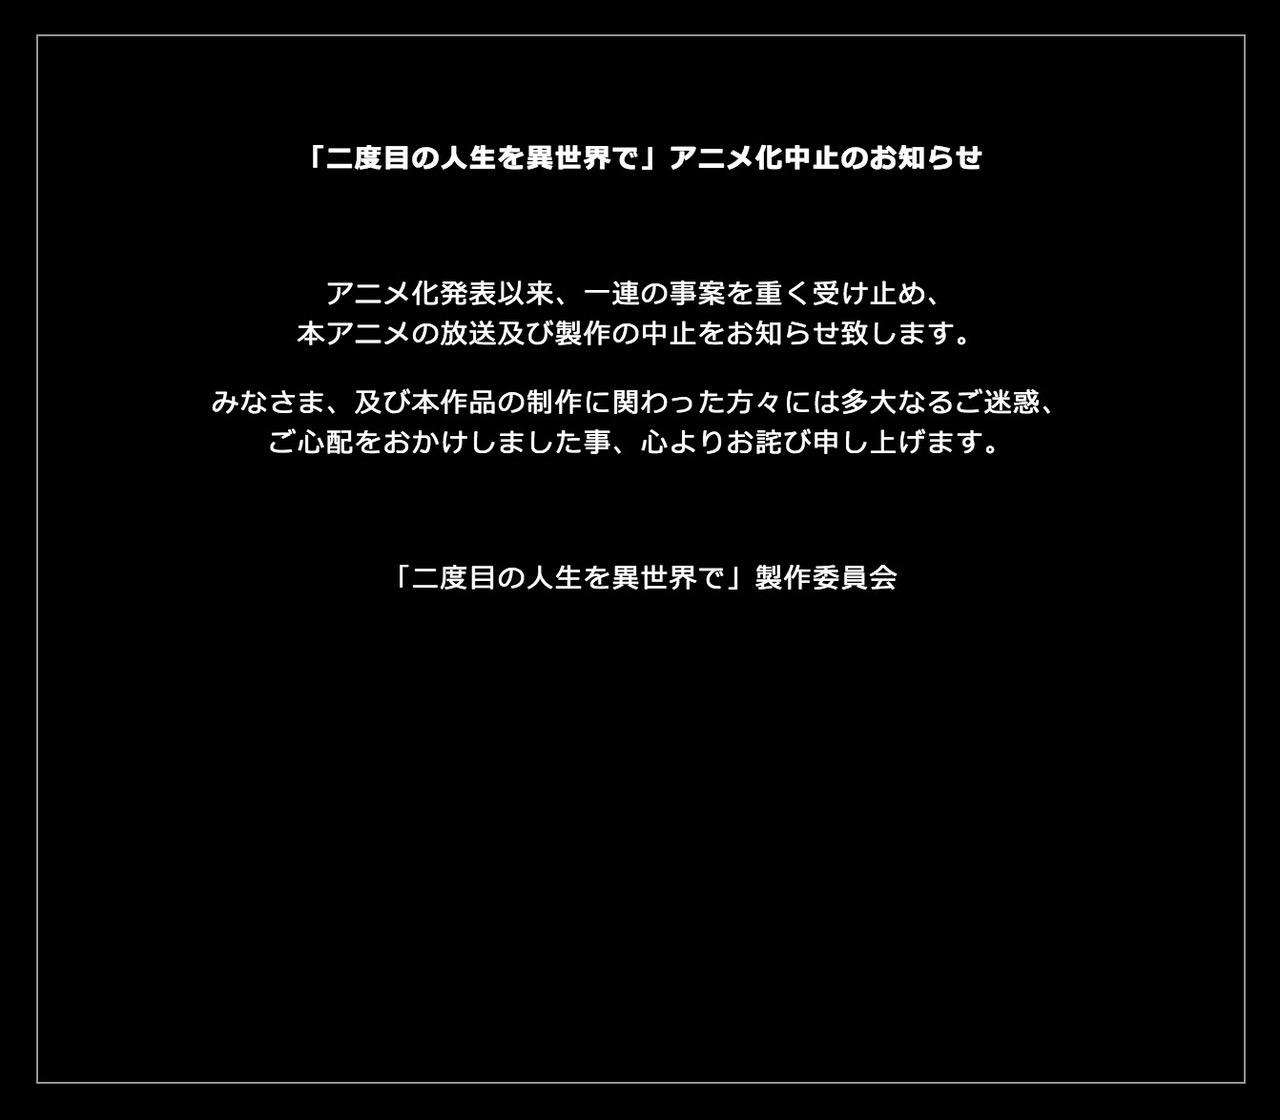 原作者炎上のラノベ「二度目の人生を異世界で」アニメ化中止